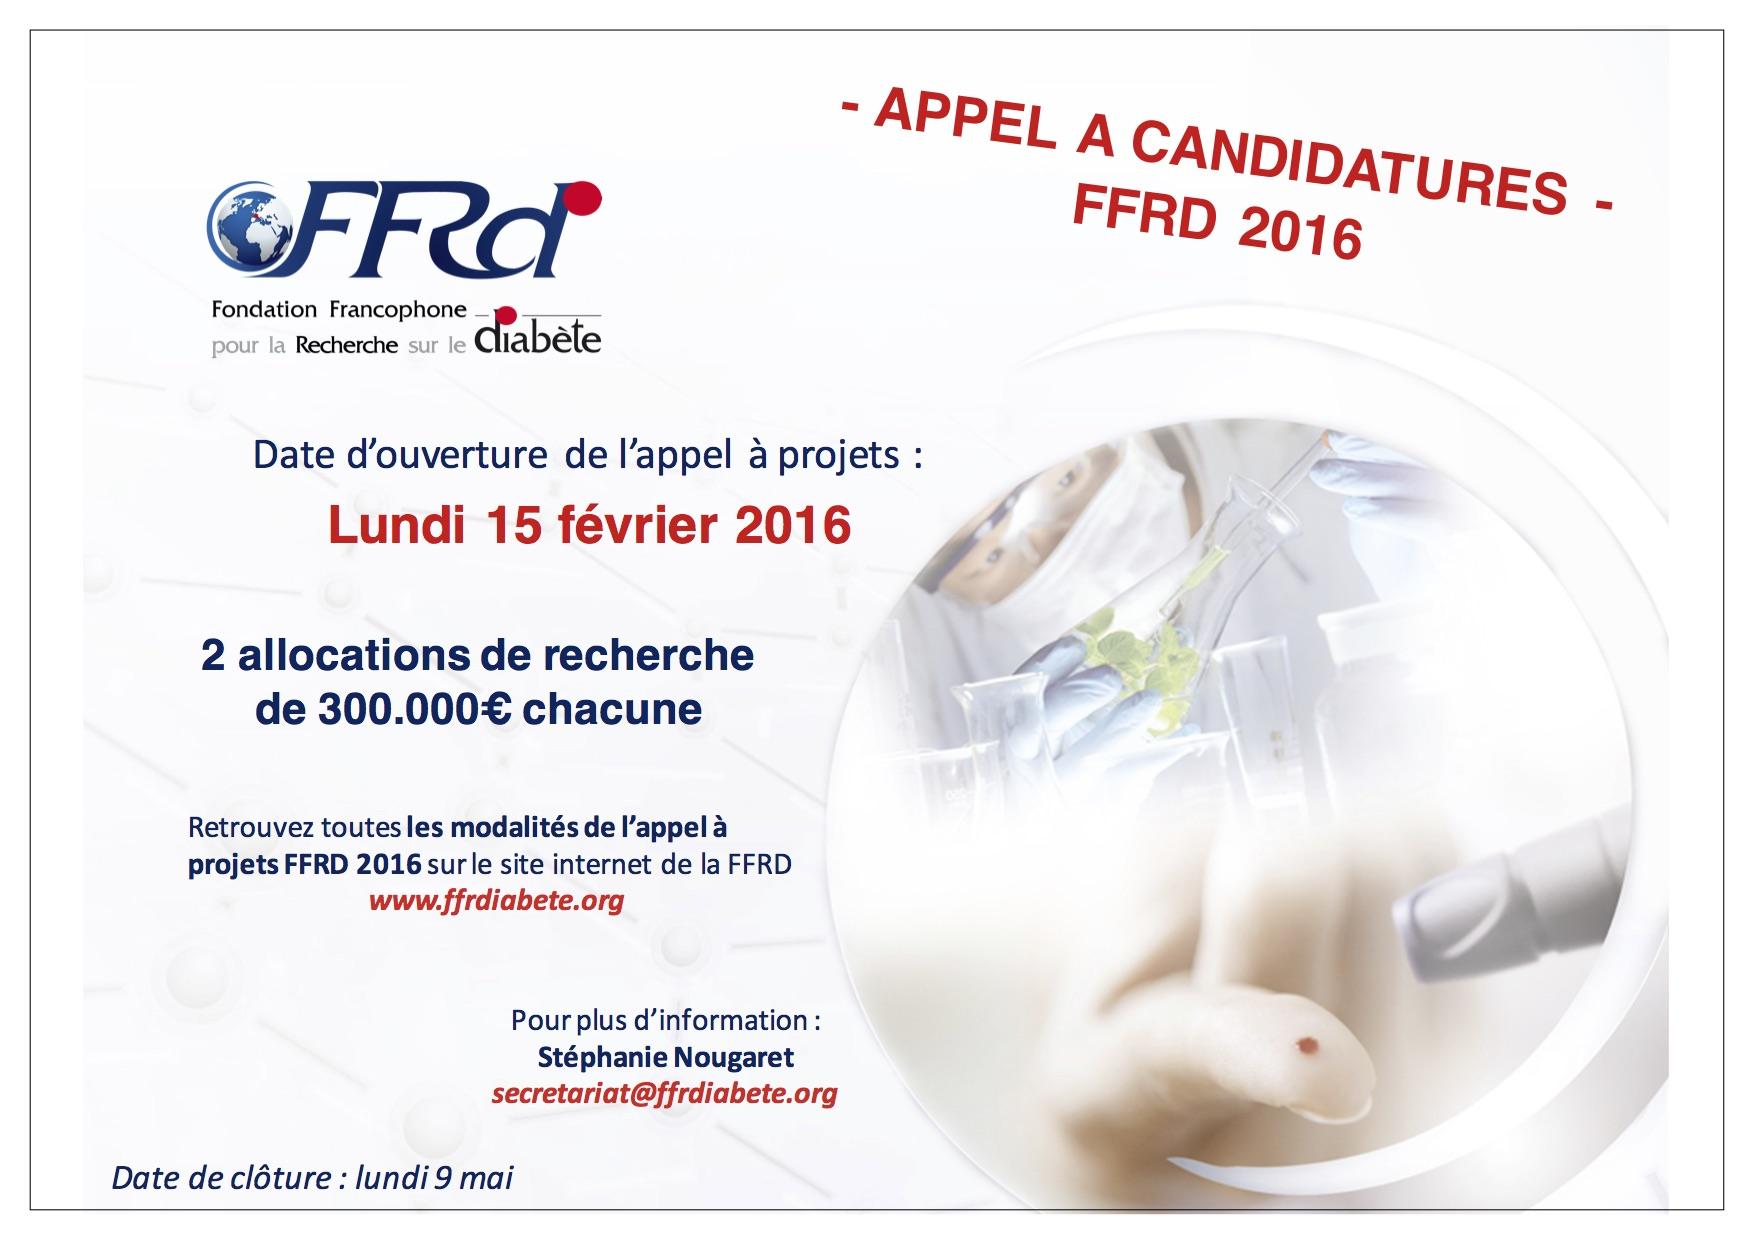 Appel à projets FFRD 2016